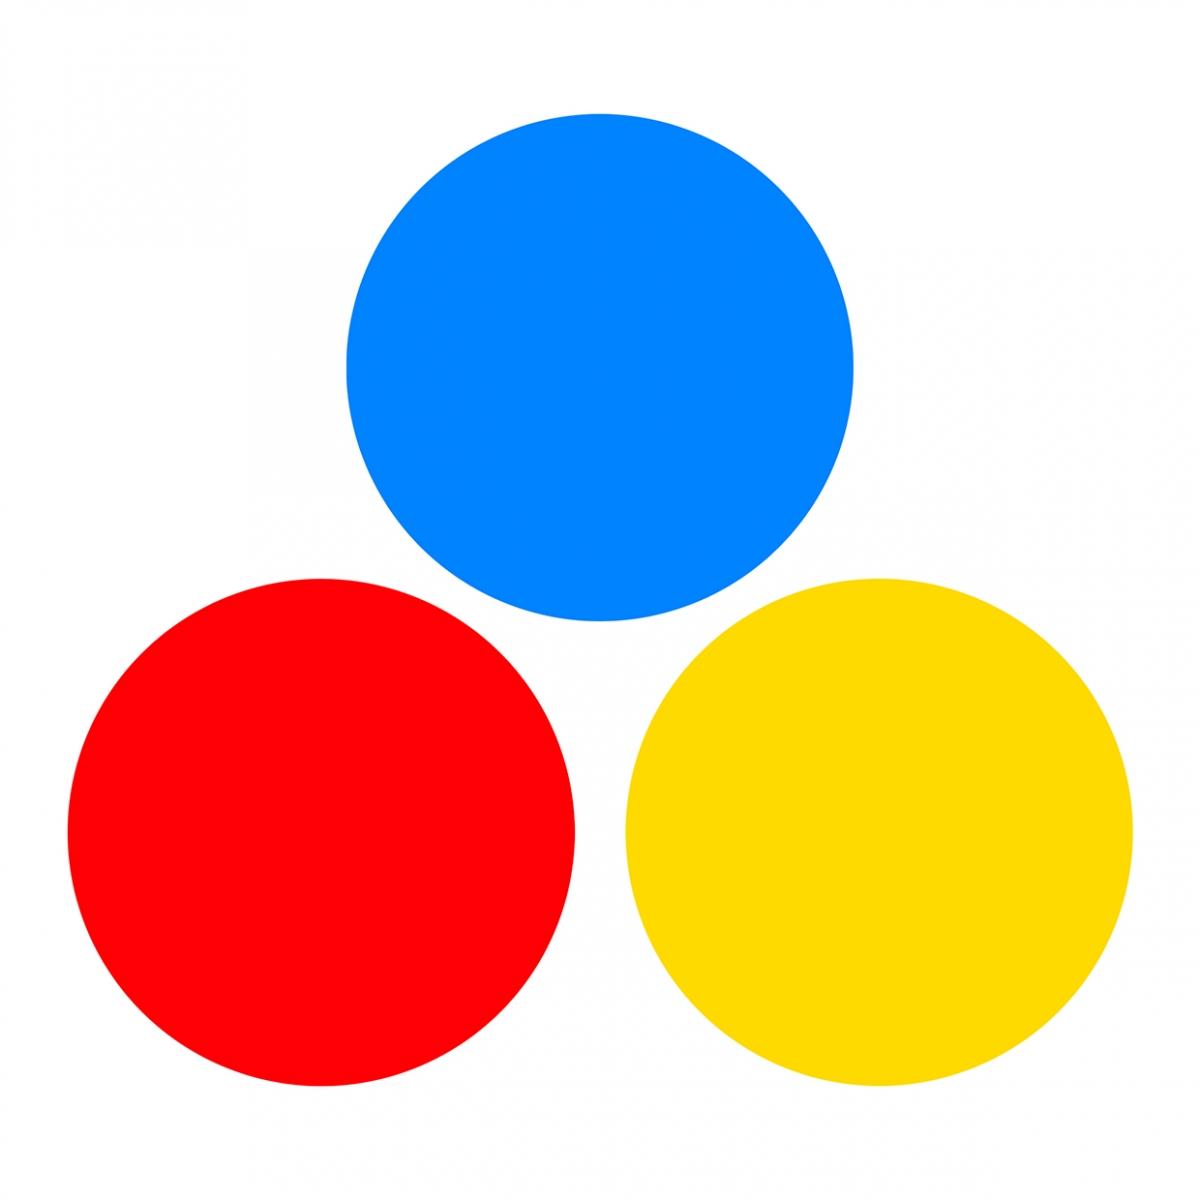 Imagen en la que se ven tres círculos de colores: azul, rojo y amarillo